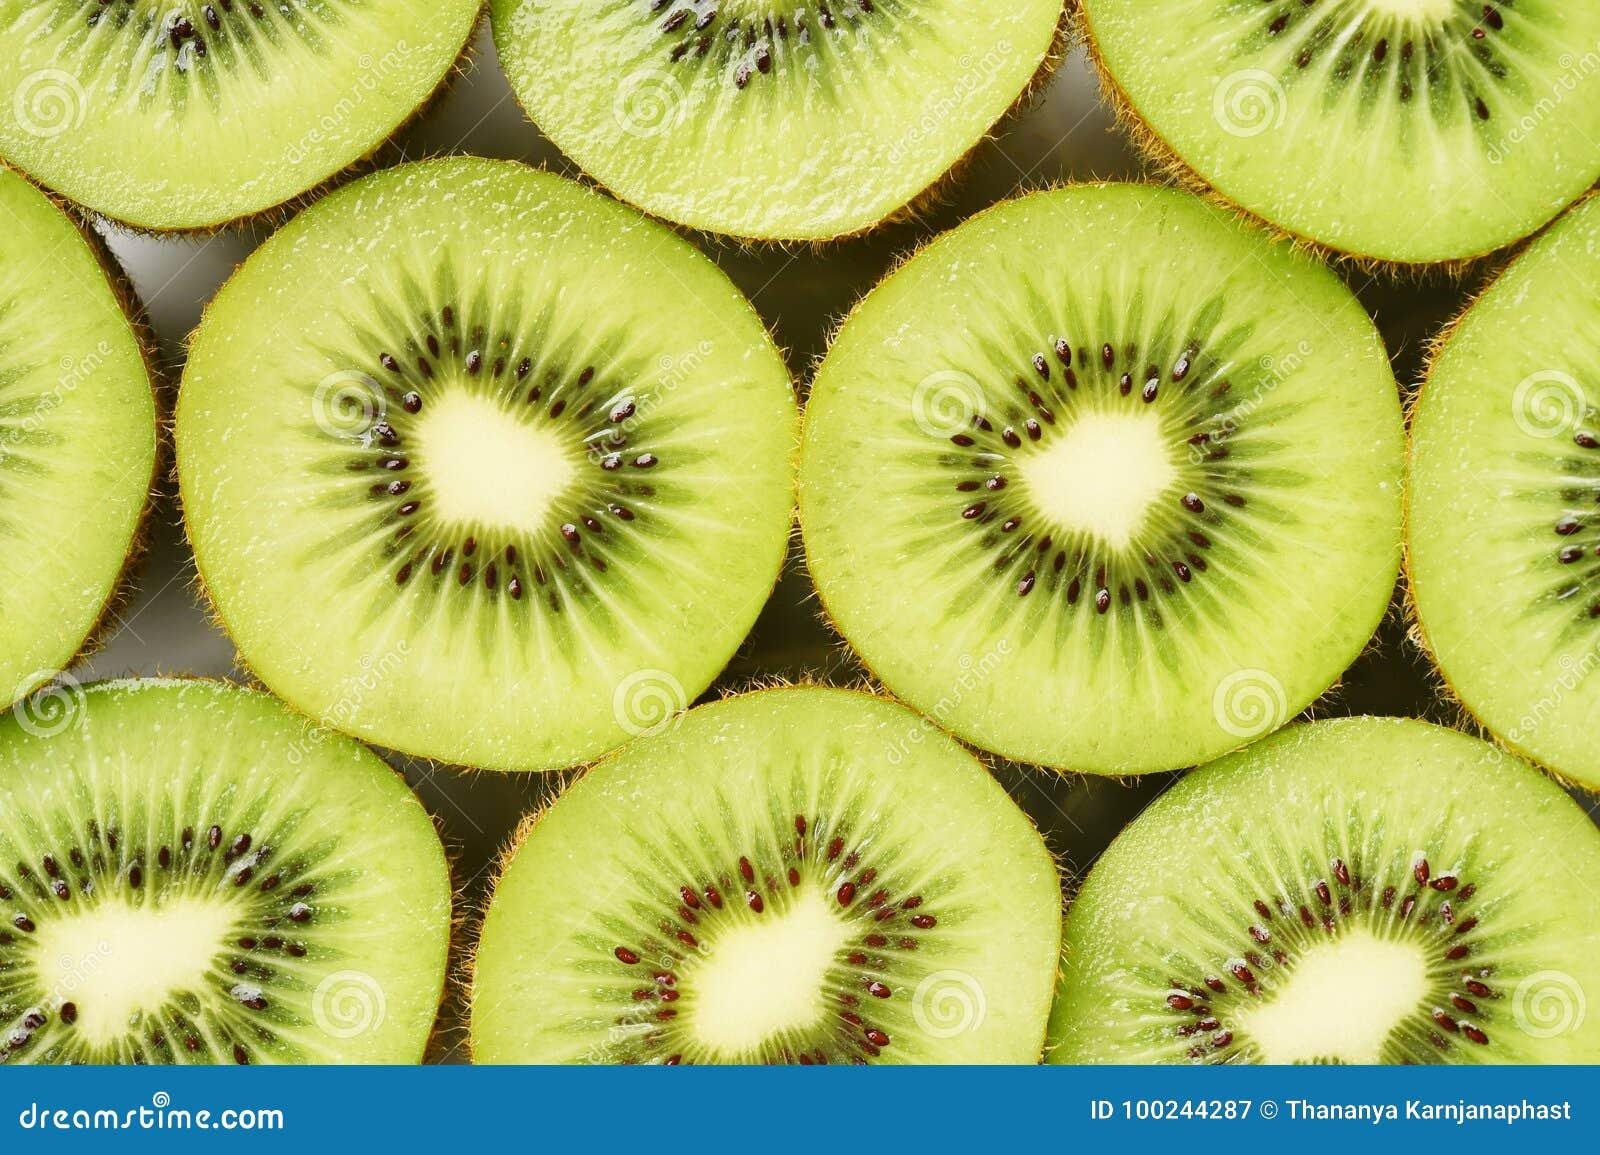 Close Up Of Fresh Kiwi Fruit Stock Image - Image of part ...